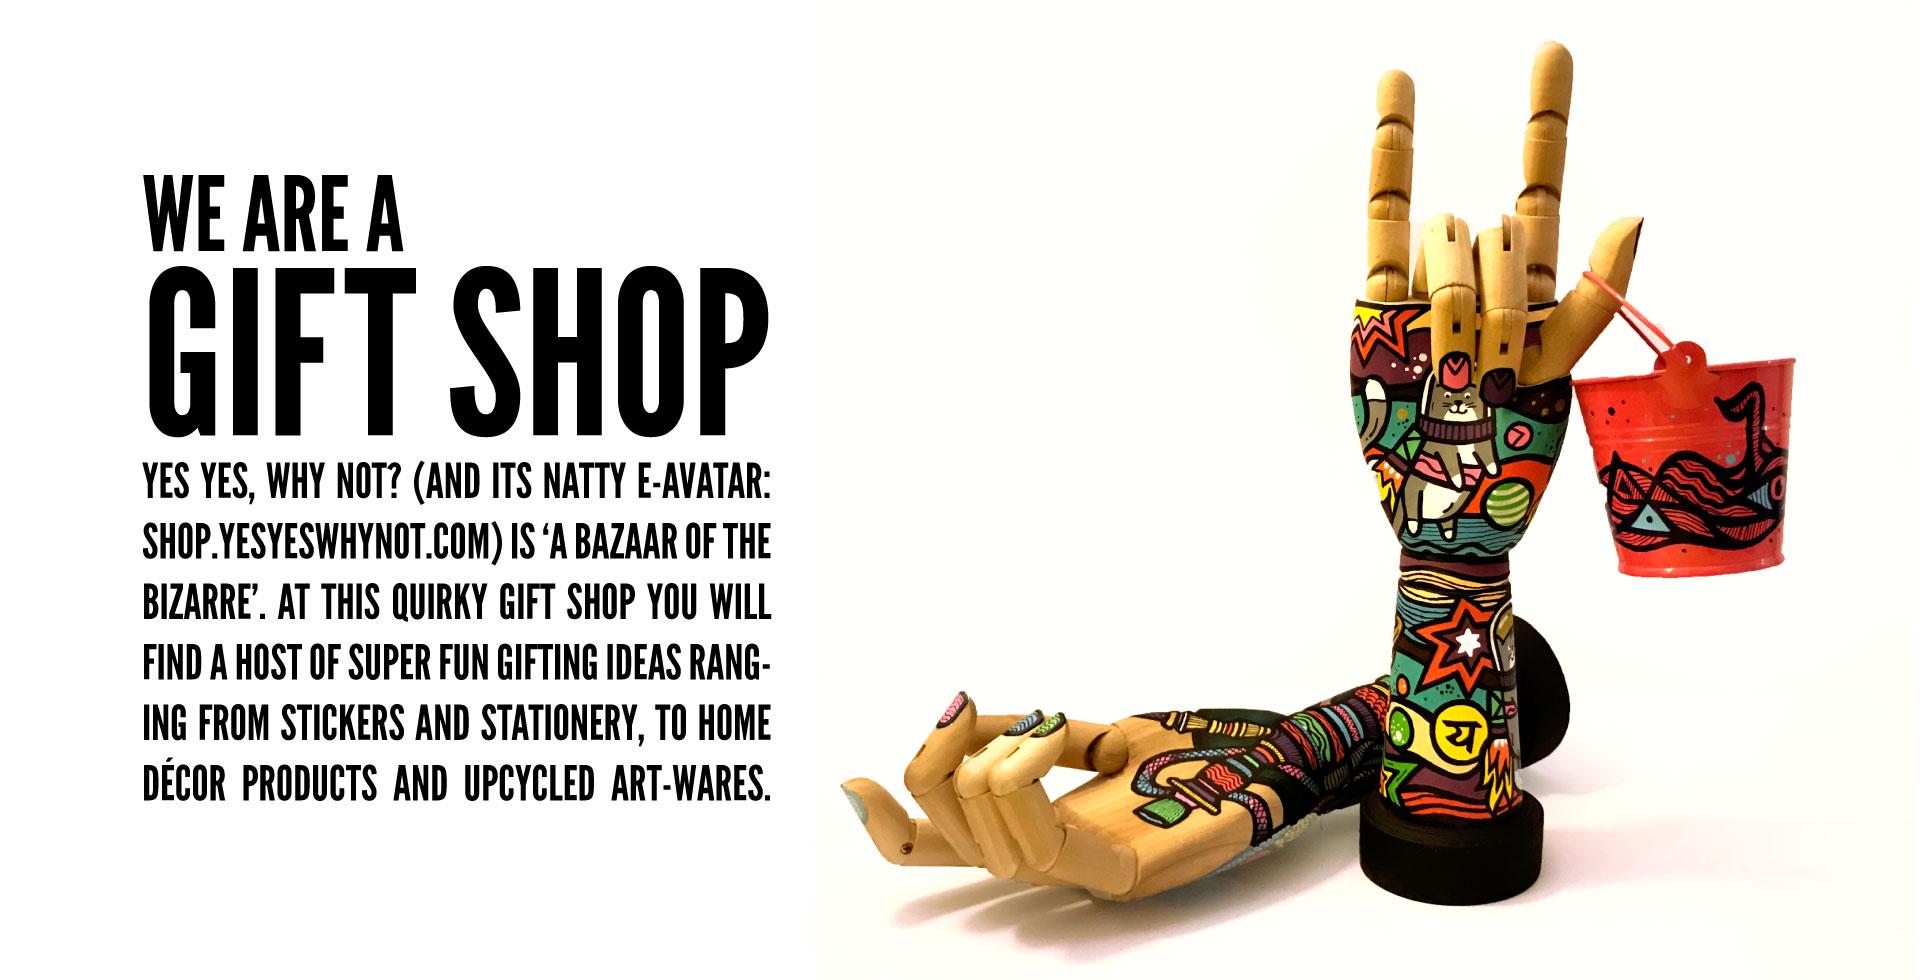 YesYesWhyNot_Gift-Store_05.16.18